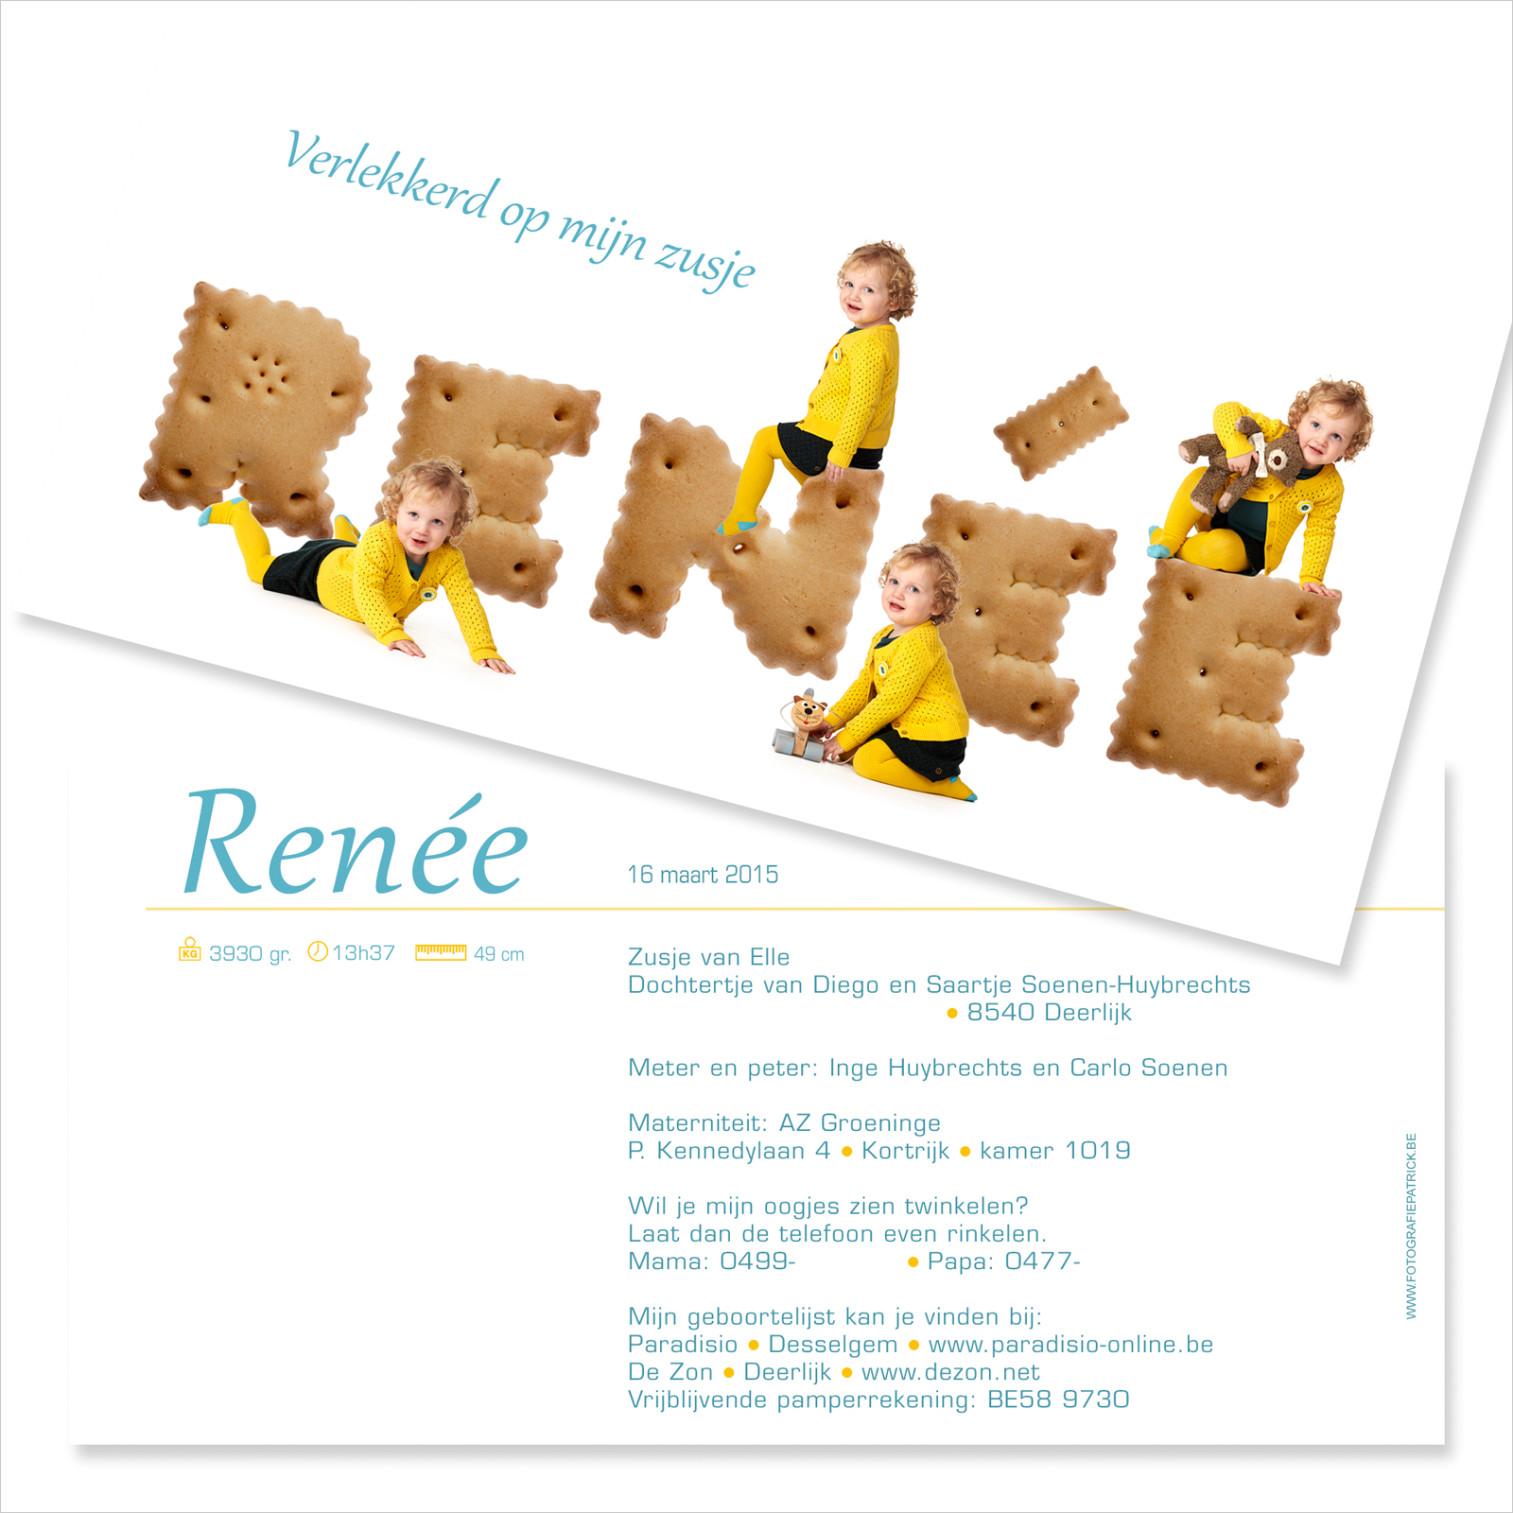 Geboortekaartje met foto van Renée